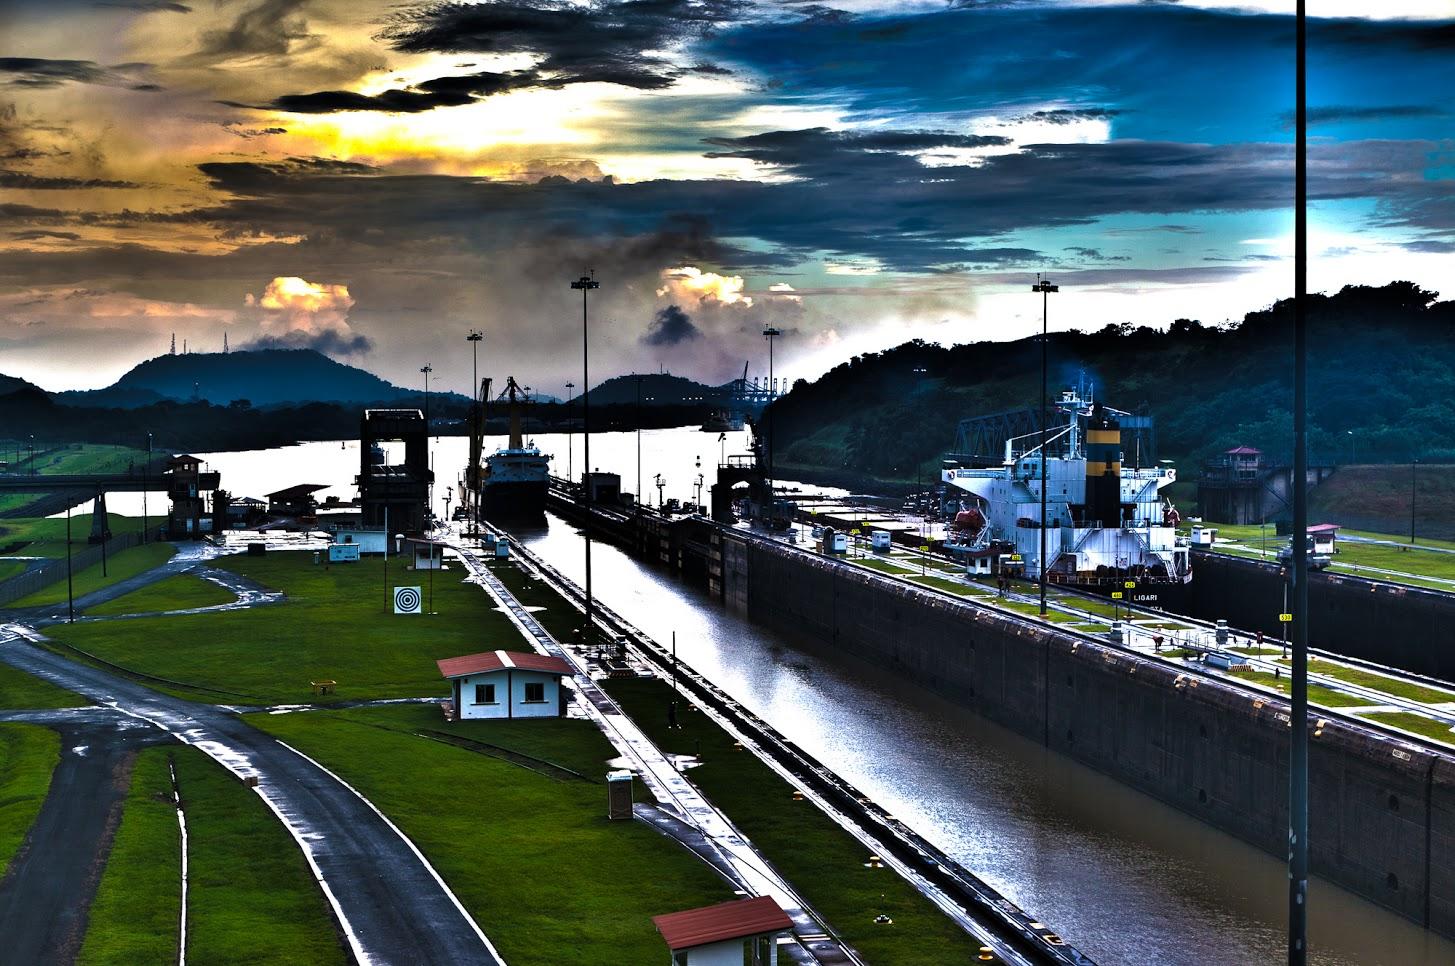 Panama: Panama Canal